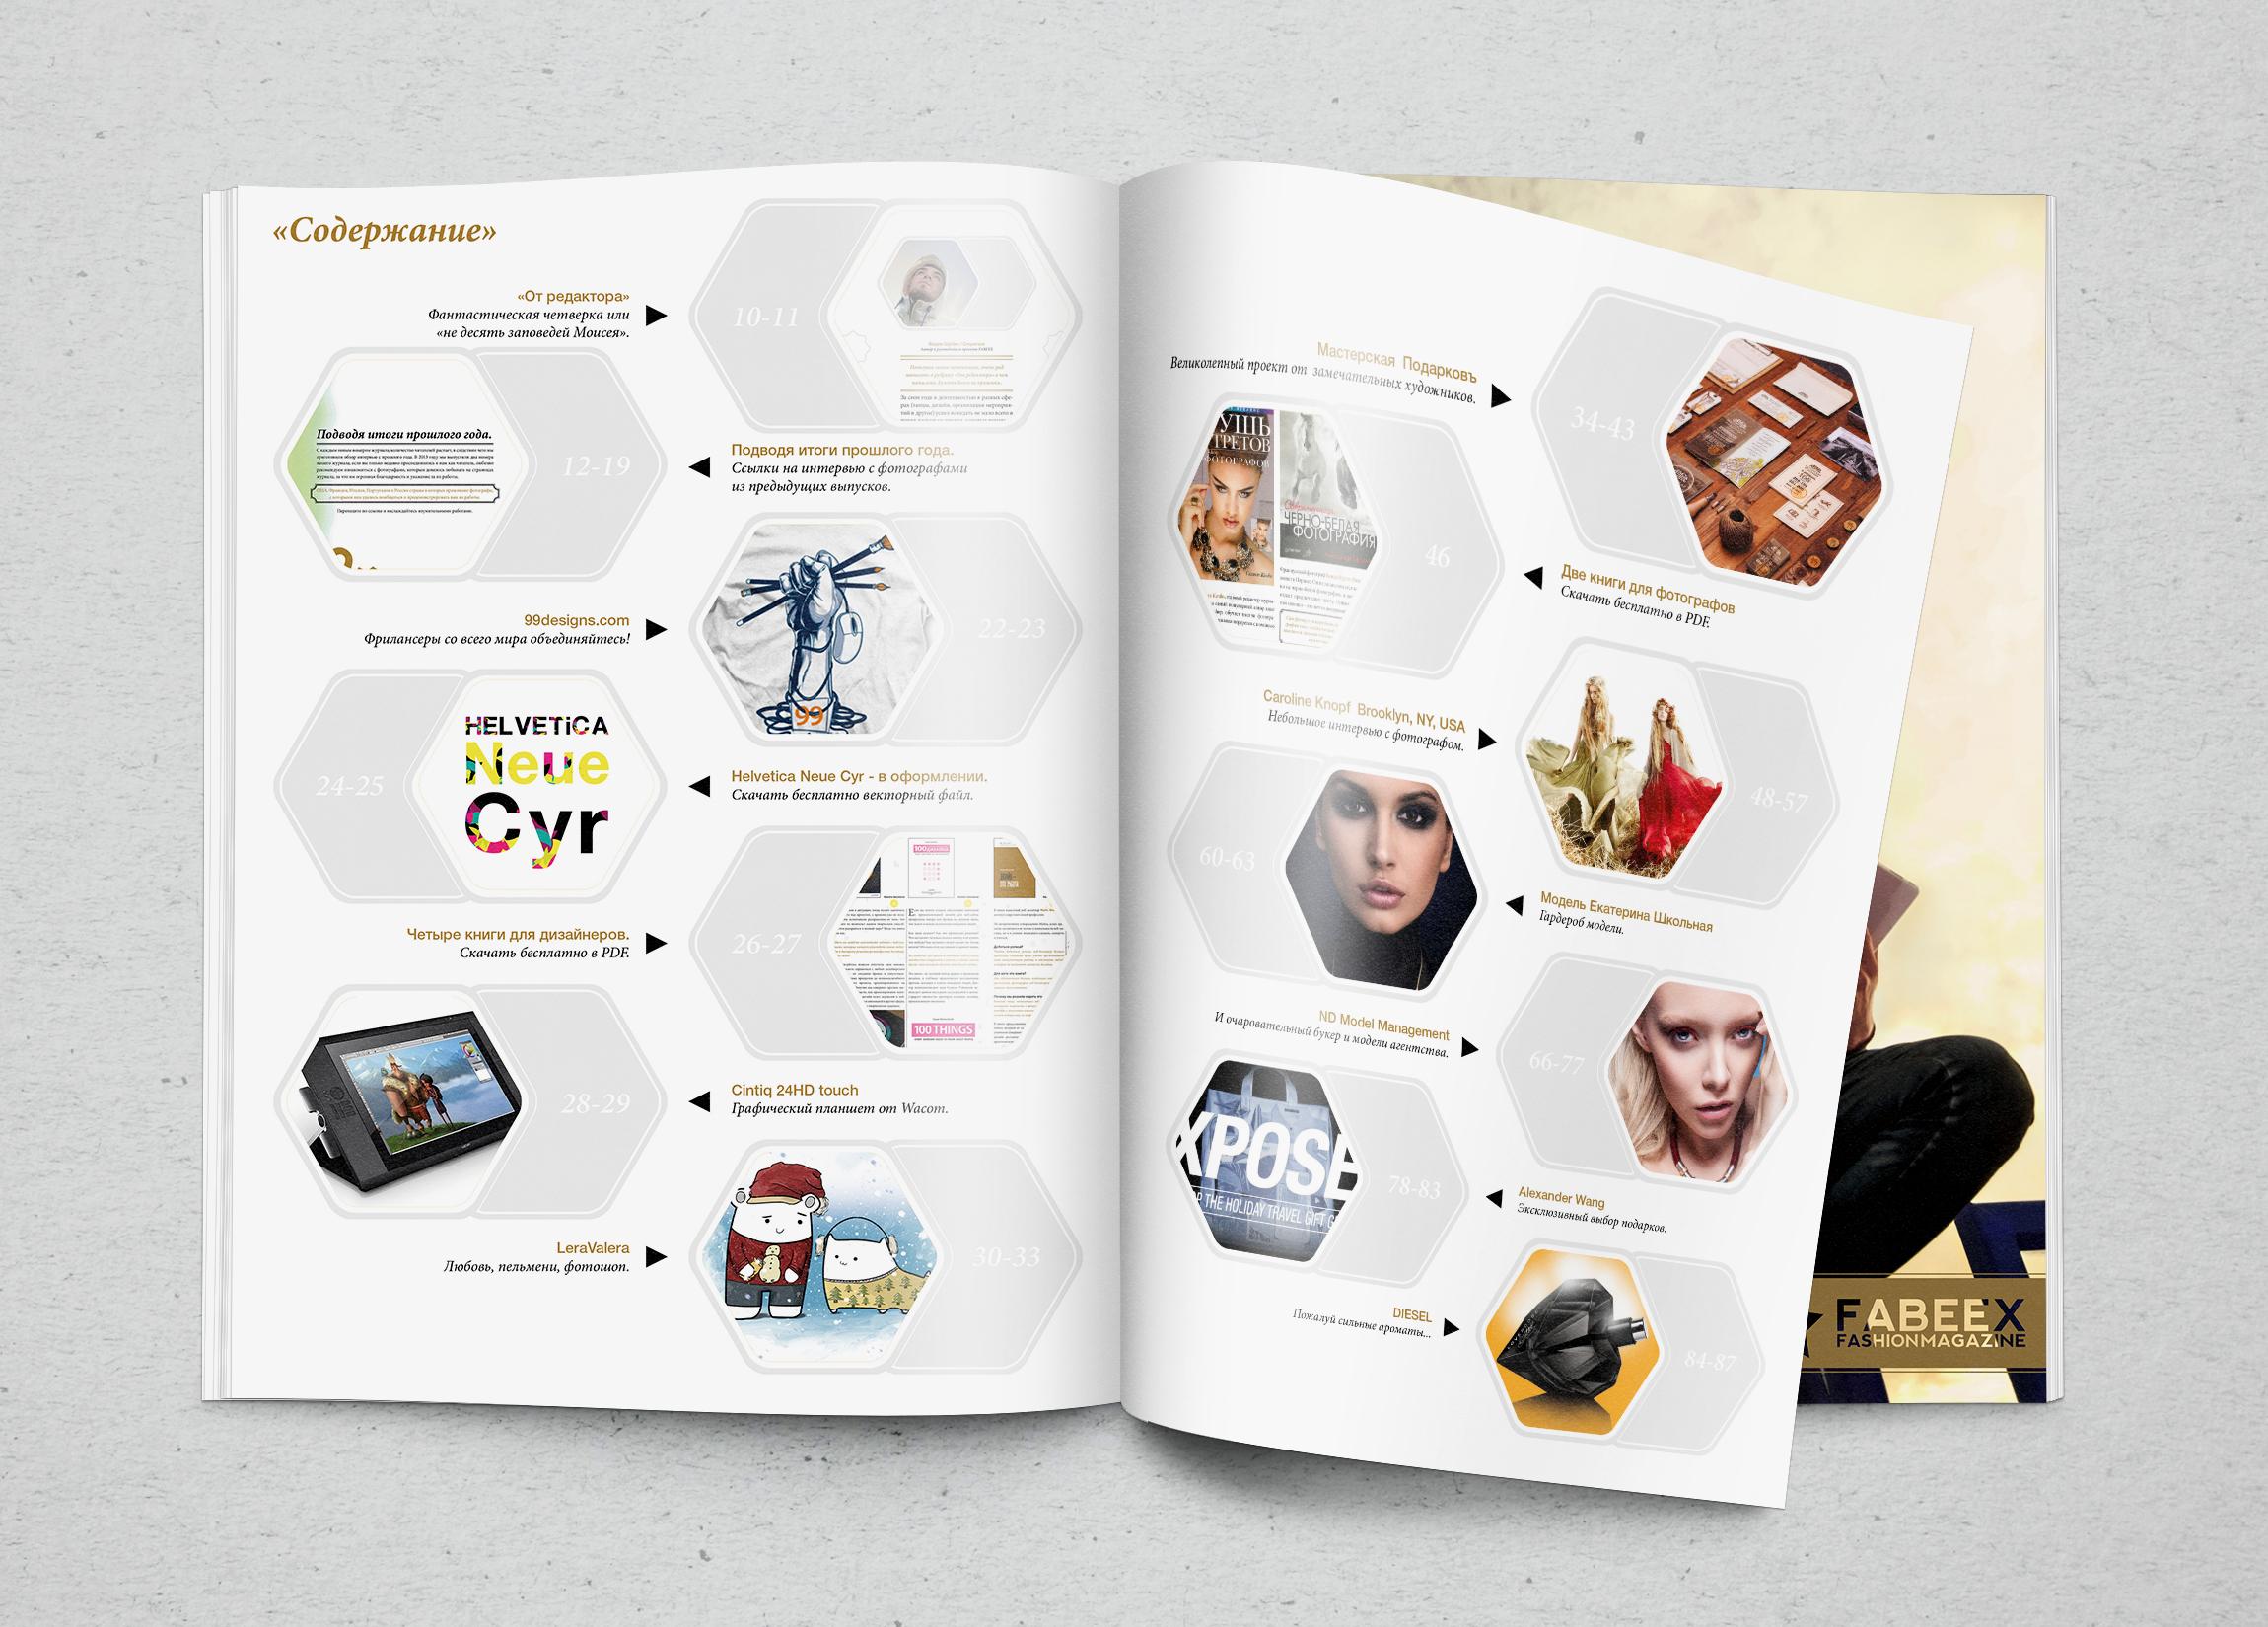 плите дизайн страницы журнала картинки доме львом был